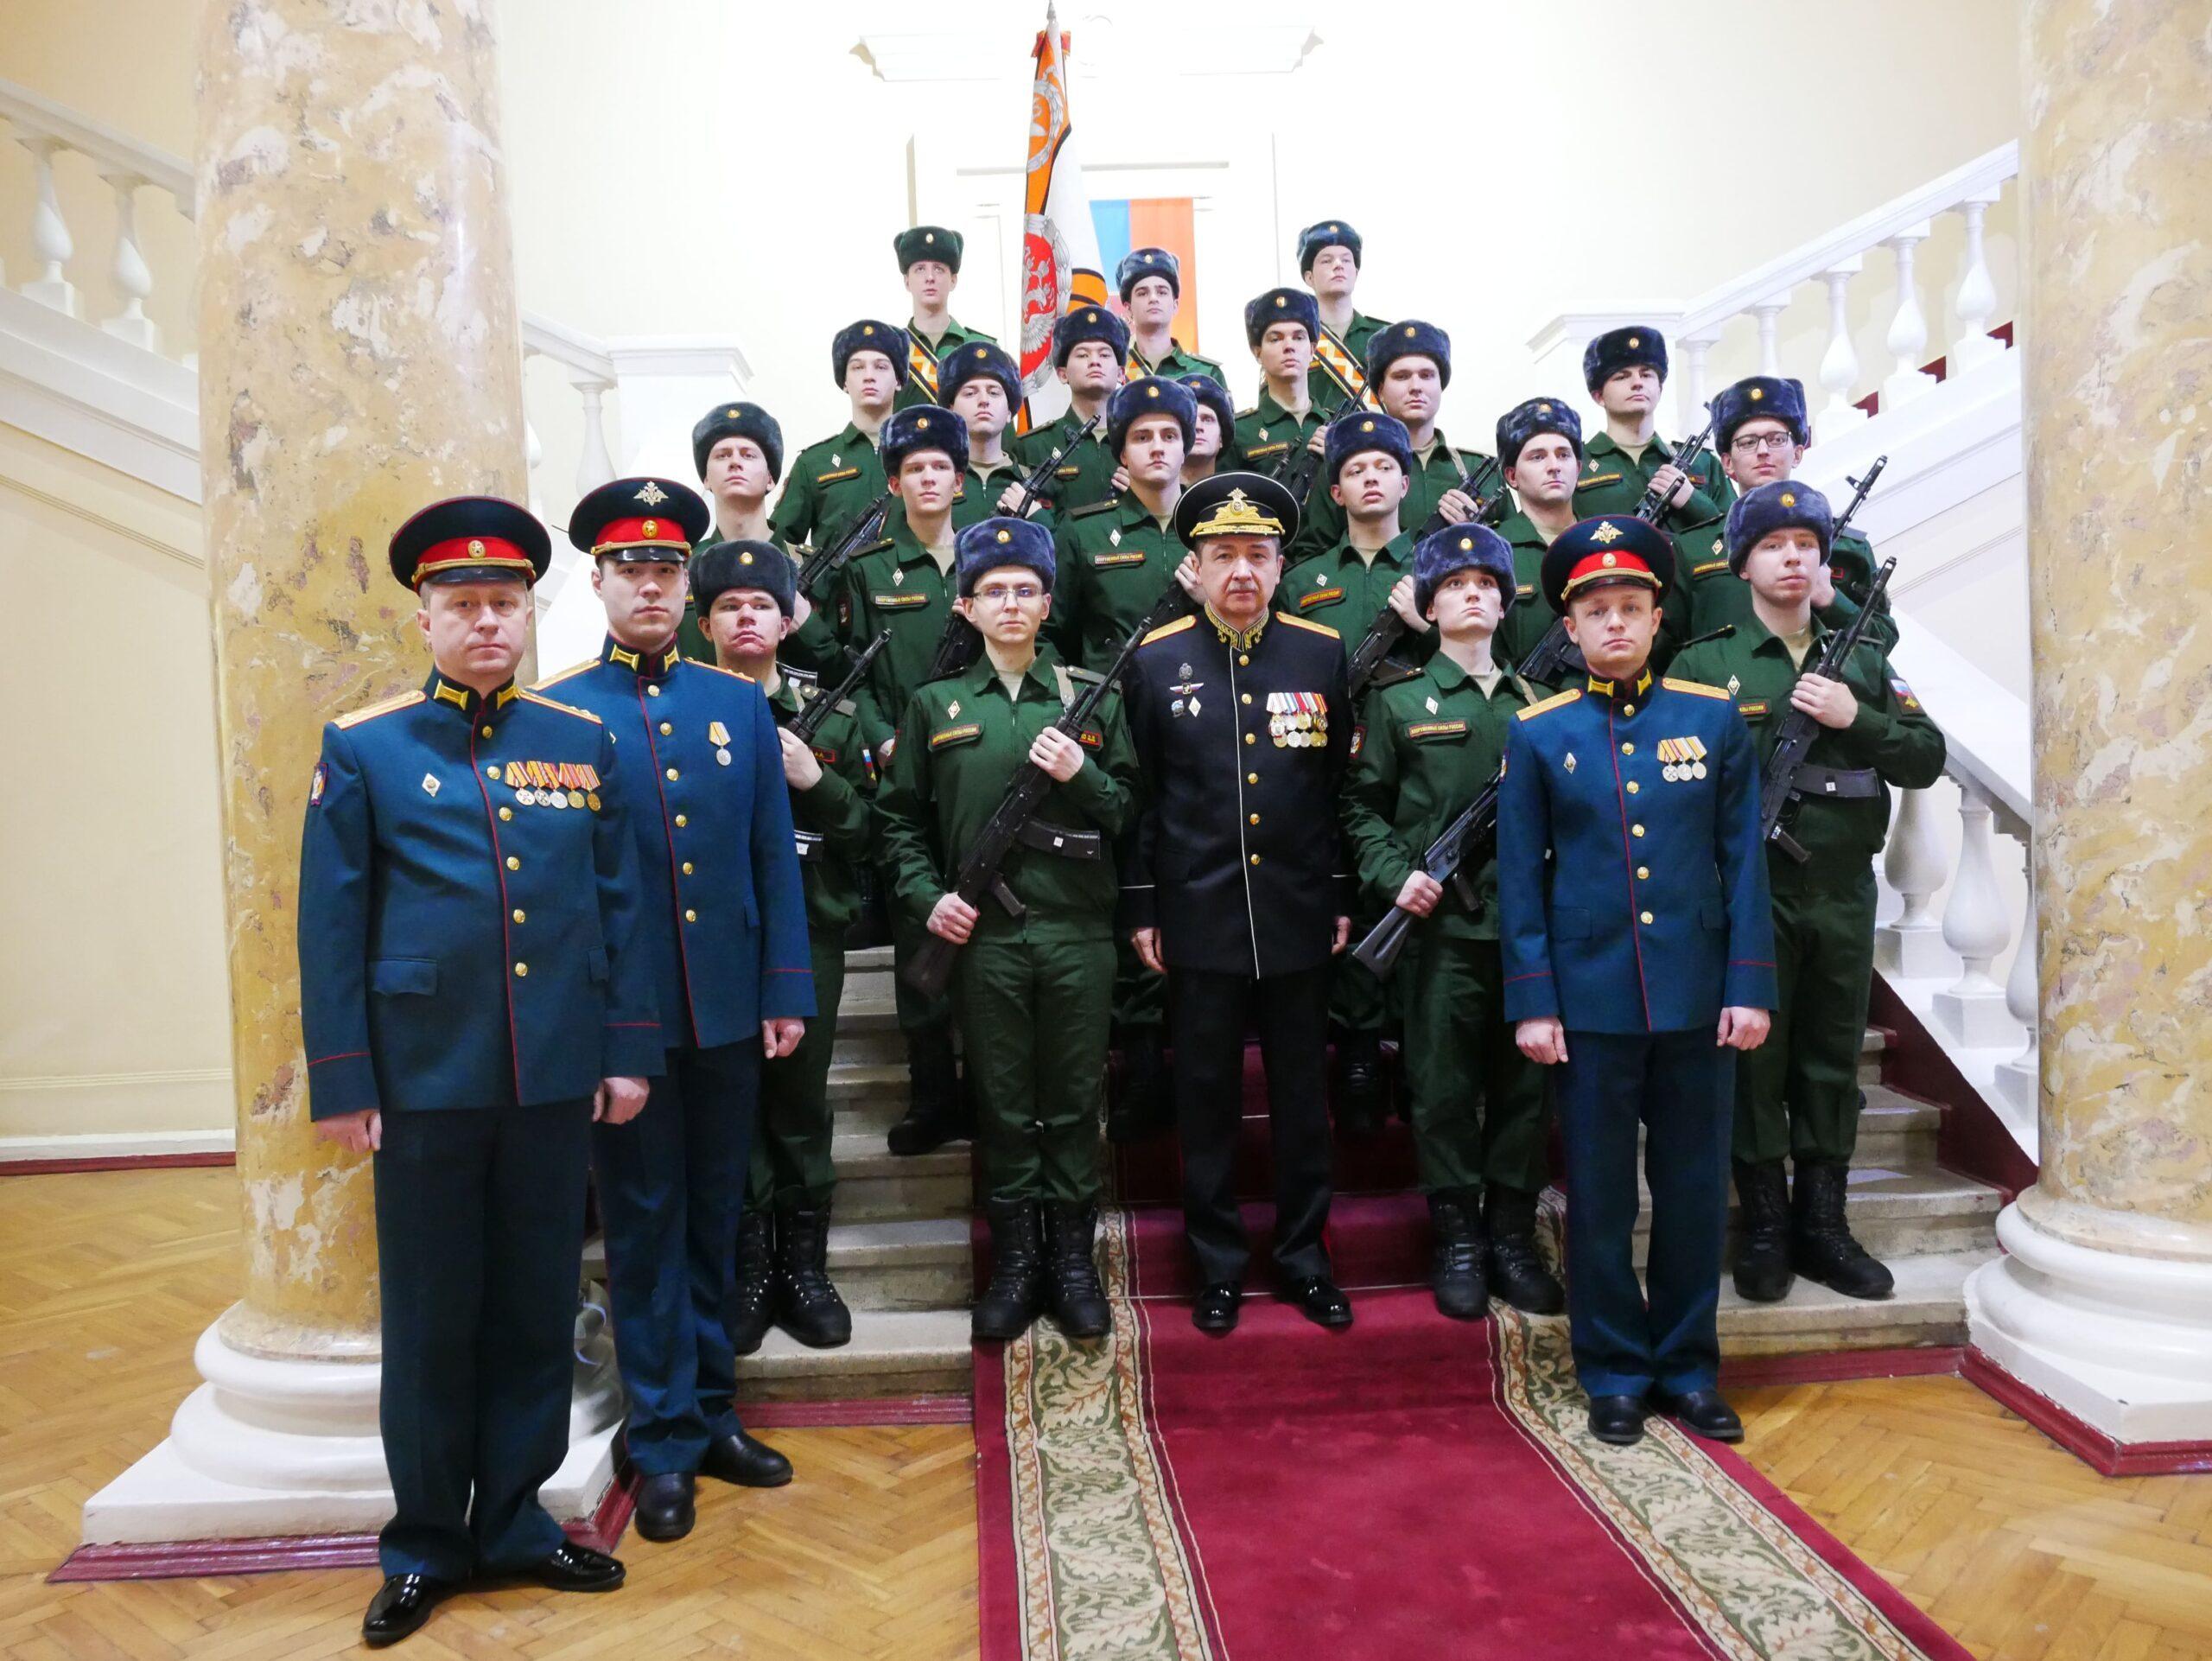 В Военно-медицинской академии состоялось торжественное приведение к военной присяге 13 призыва научной роты